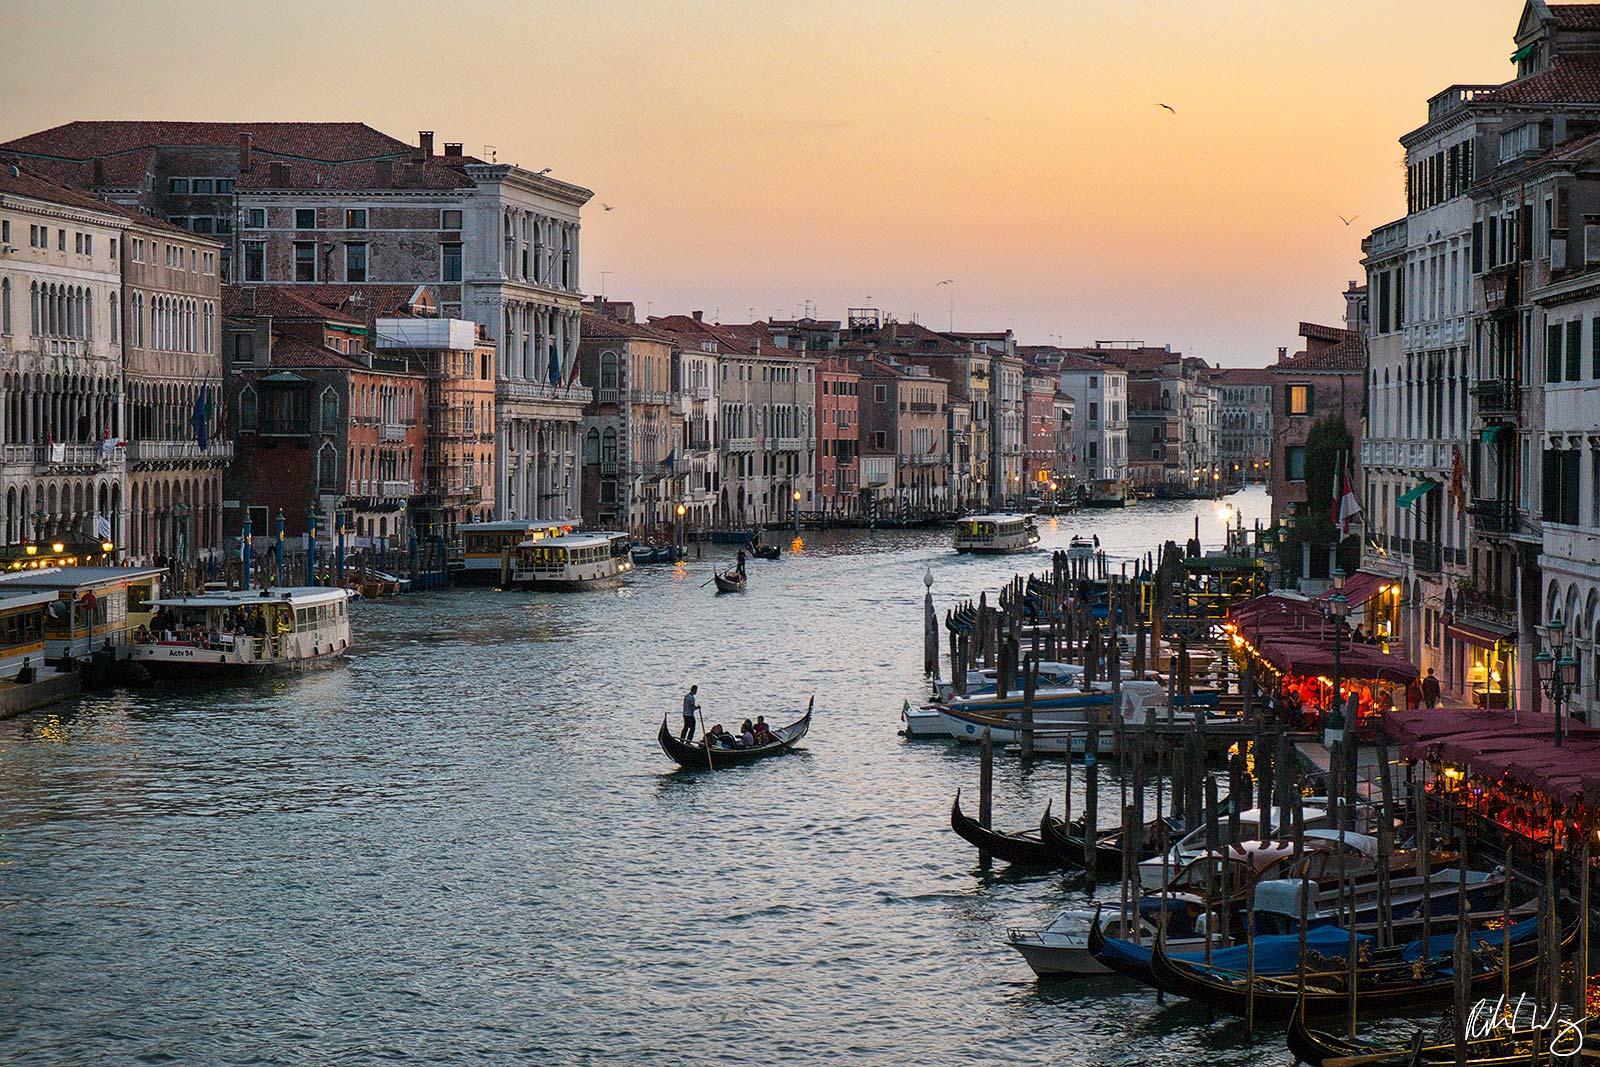 Rialto Bridge View at Dusk, Venice, Italy